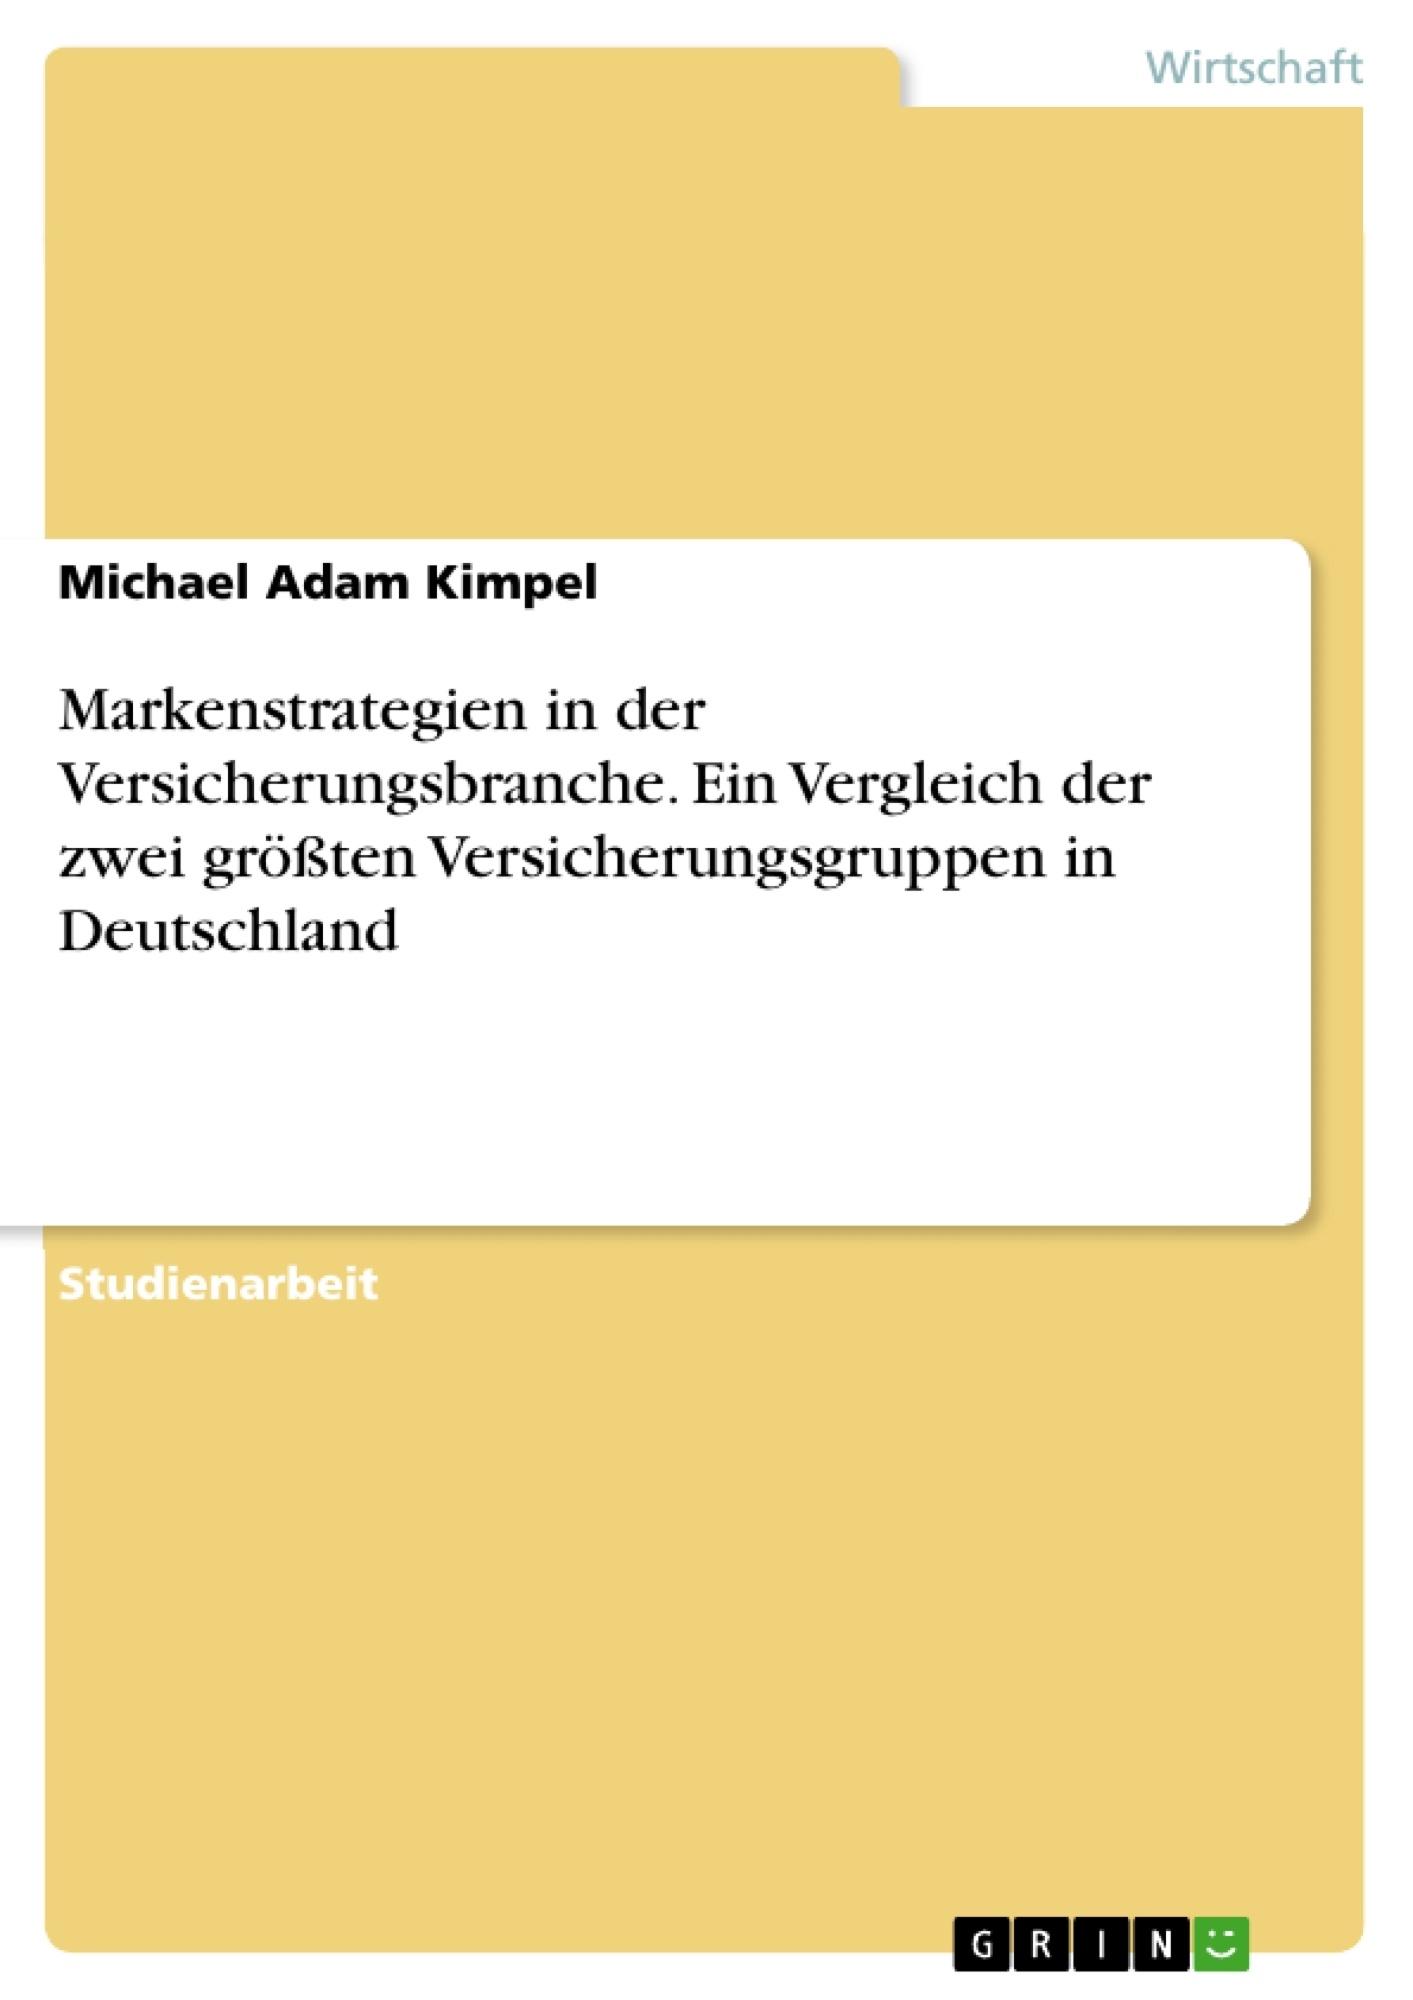 Titel: Markenstrategien in der Versicherungsbranche. Ein Vergleich der zwei größten Versicherungsgruppen in Deutschland